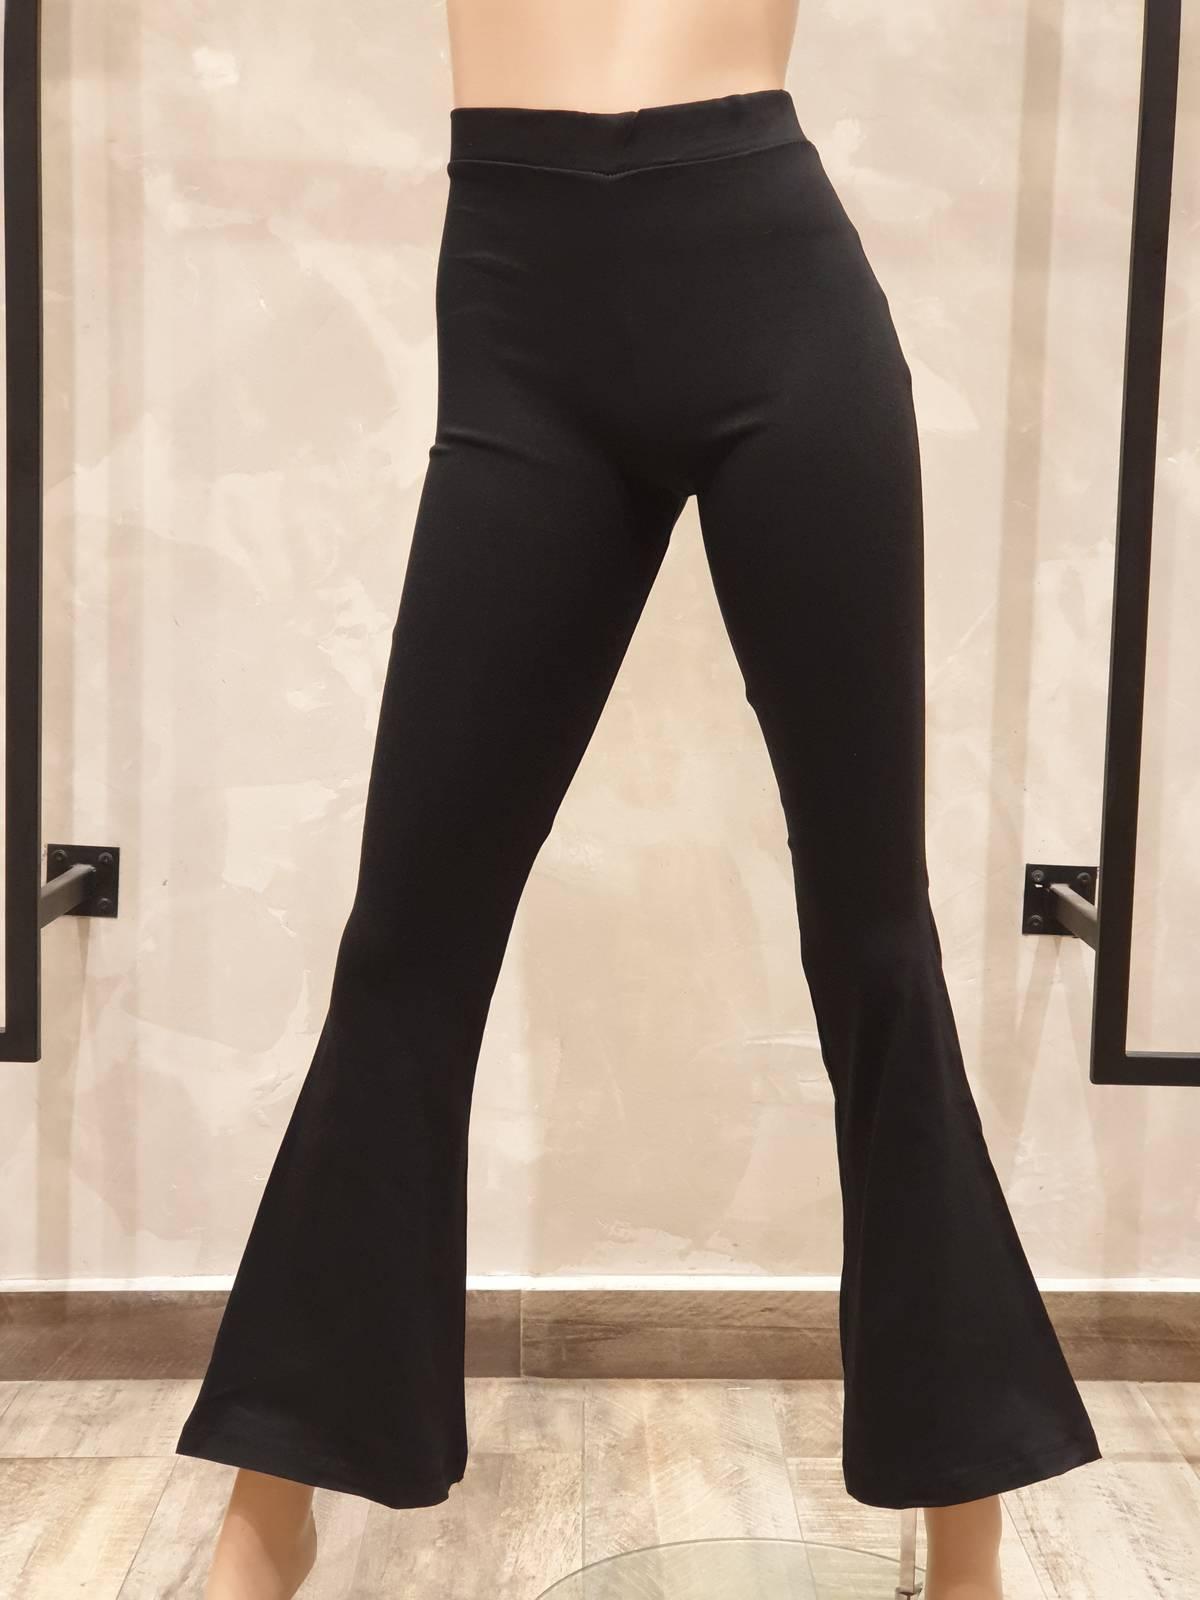 Pantalon Oxford De Bengalina Distrito Moda